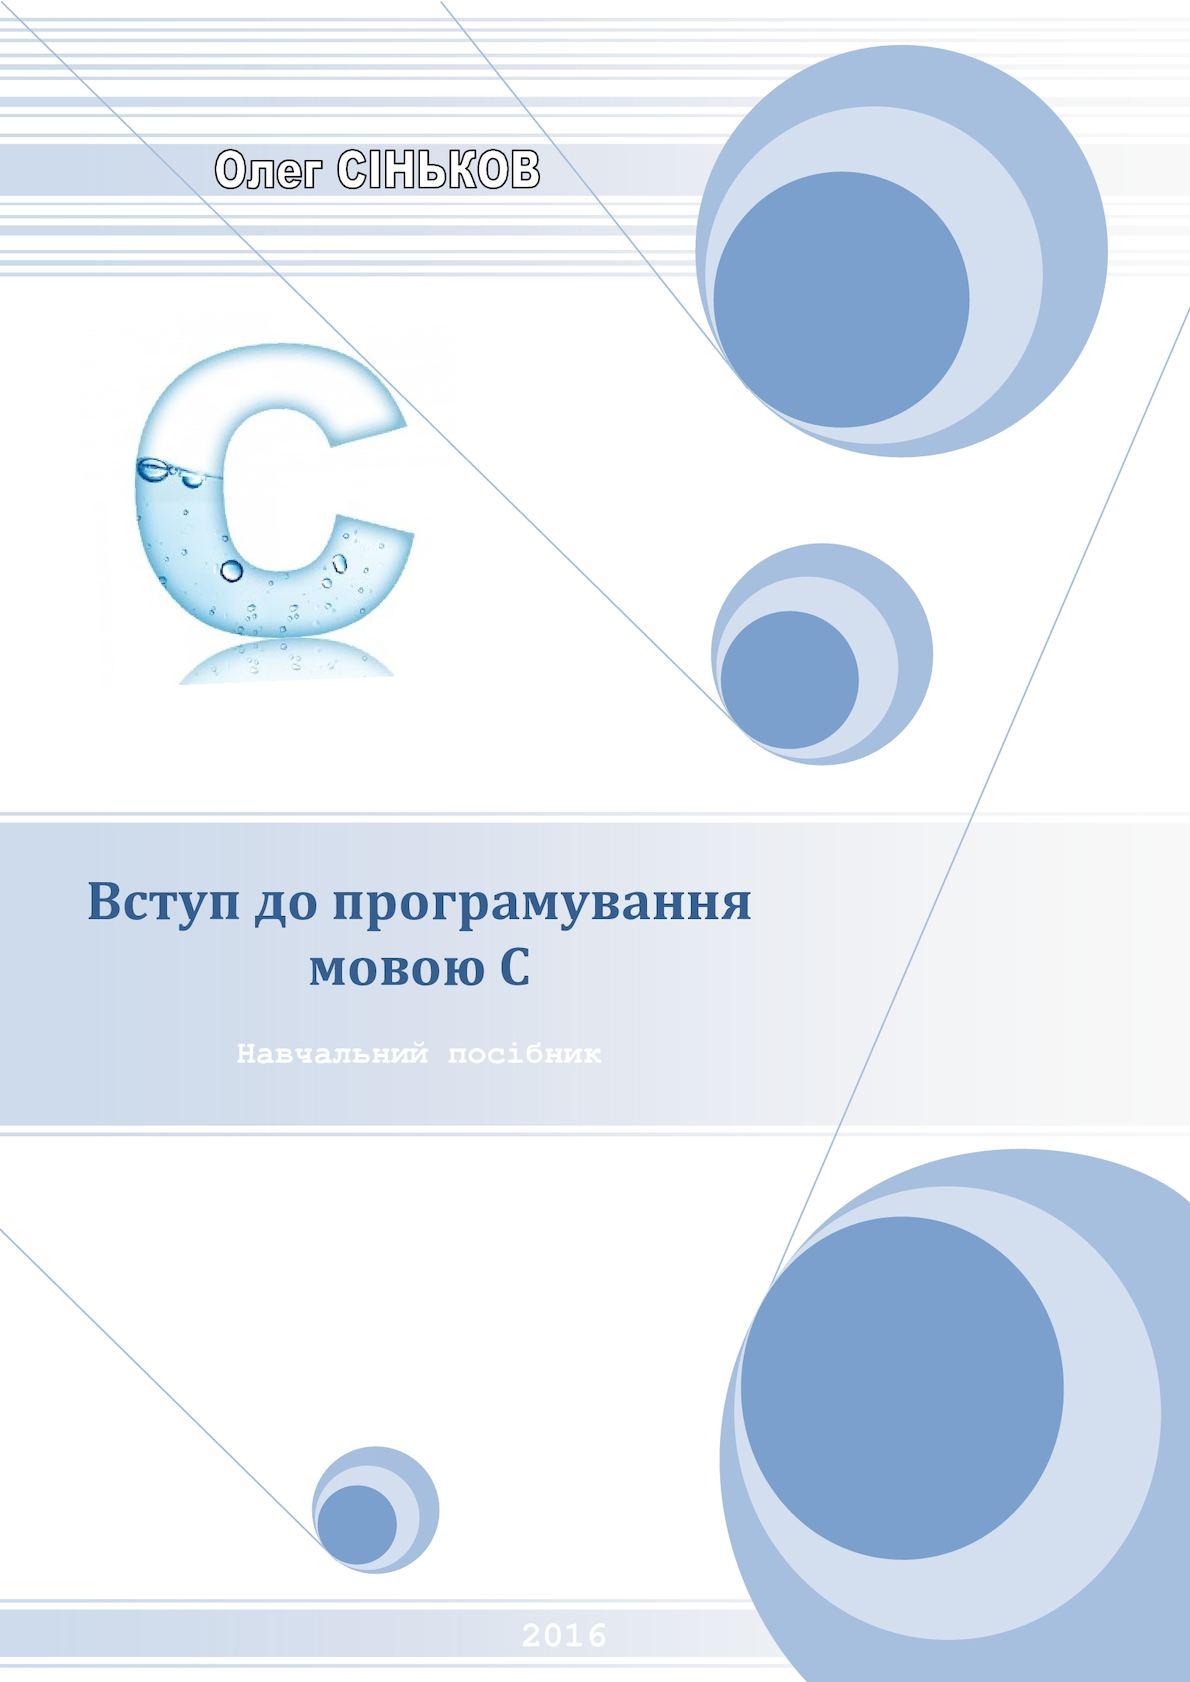 Calaméo - Сіньков. Вступ до прграмування мовою С. 582d29bbd8969